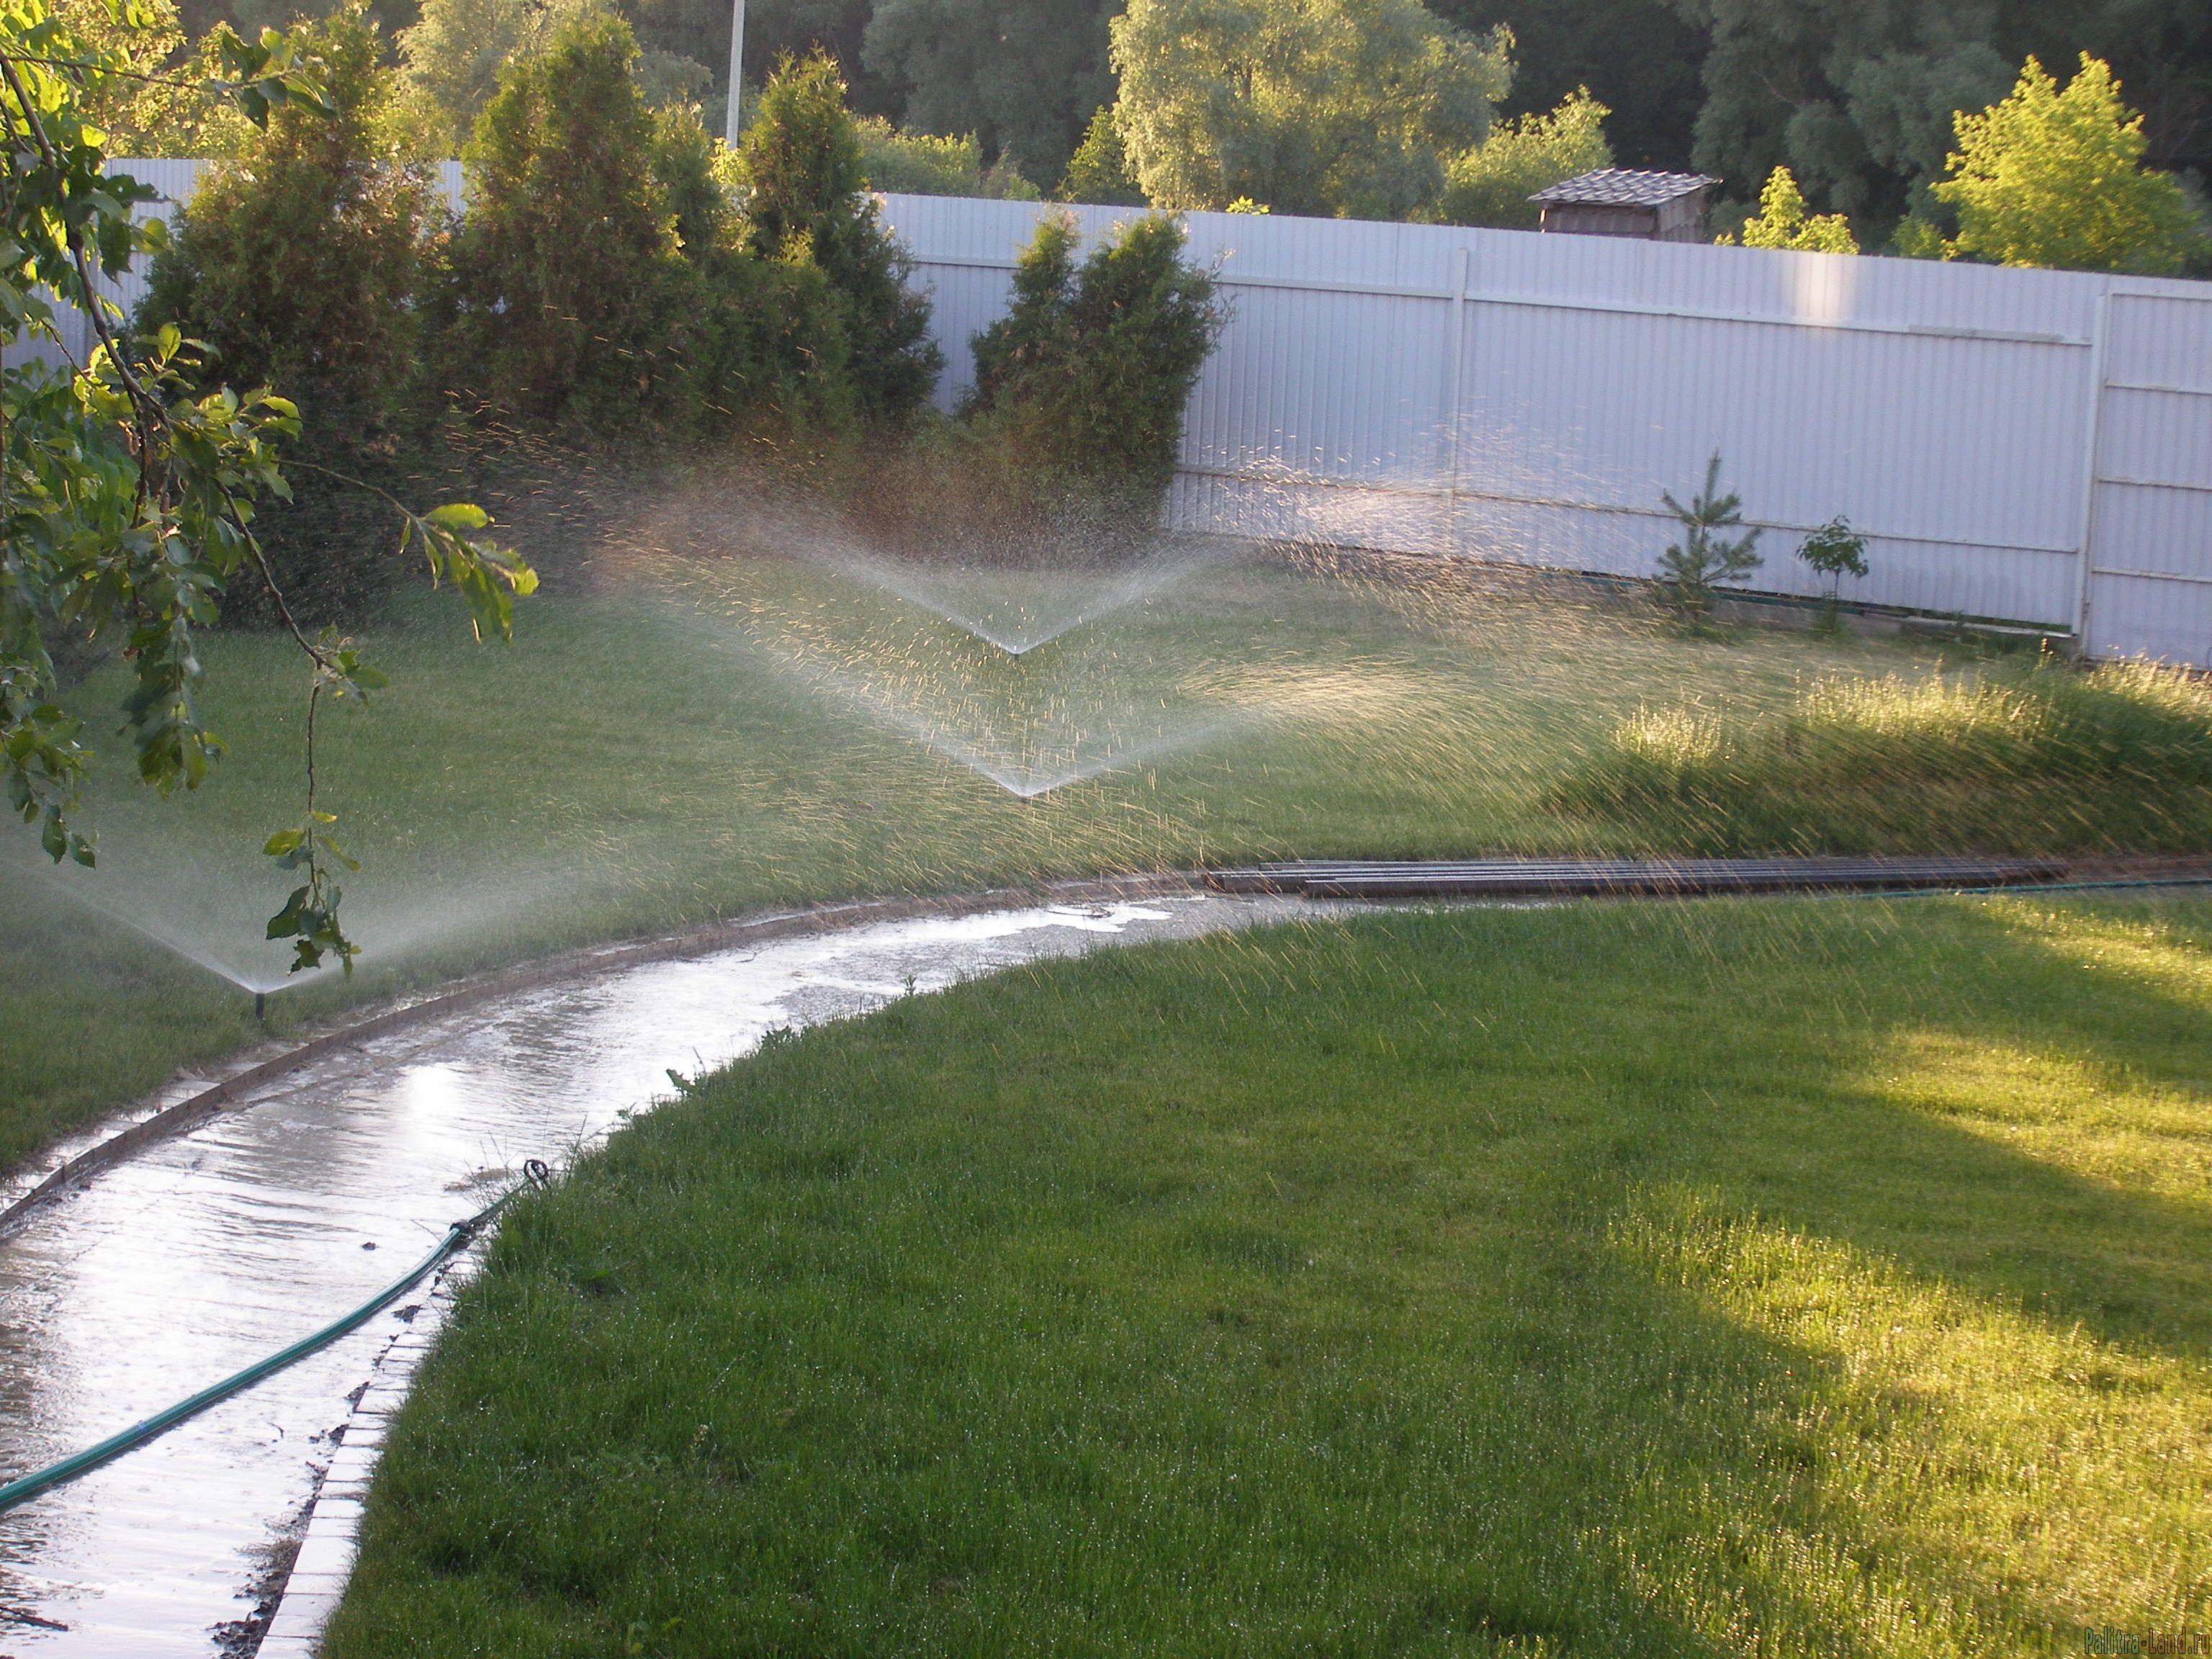 Автоматические системы полива, Автоматика для полива сада, Системы полива, Система автоматического полива, Ландшафтный дизайн система полива